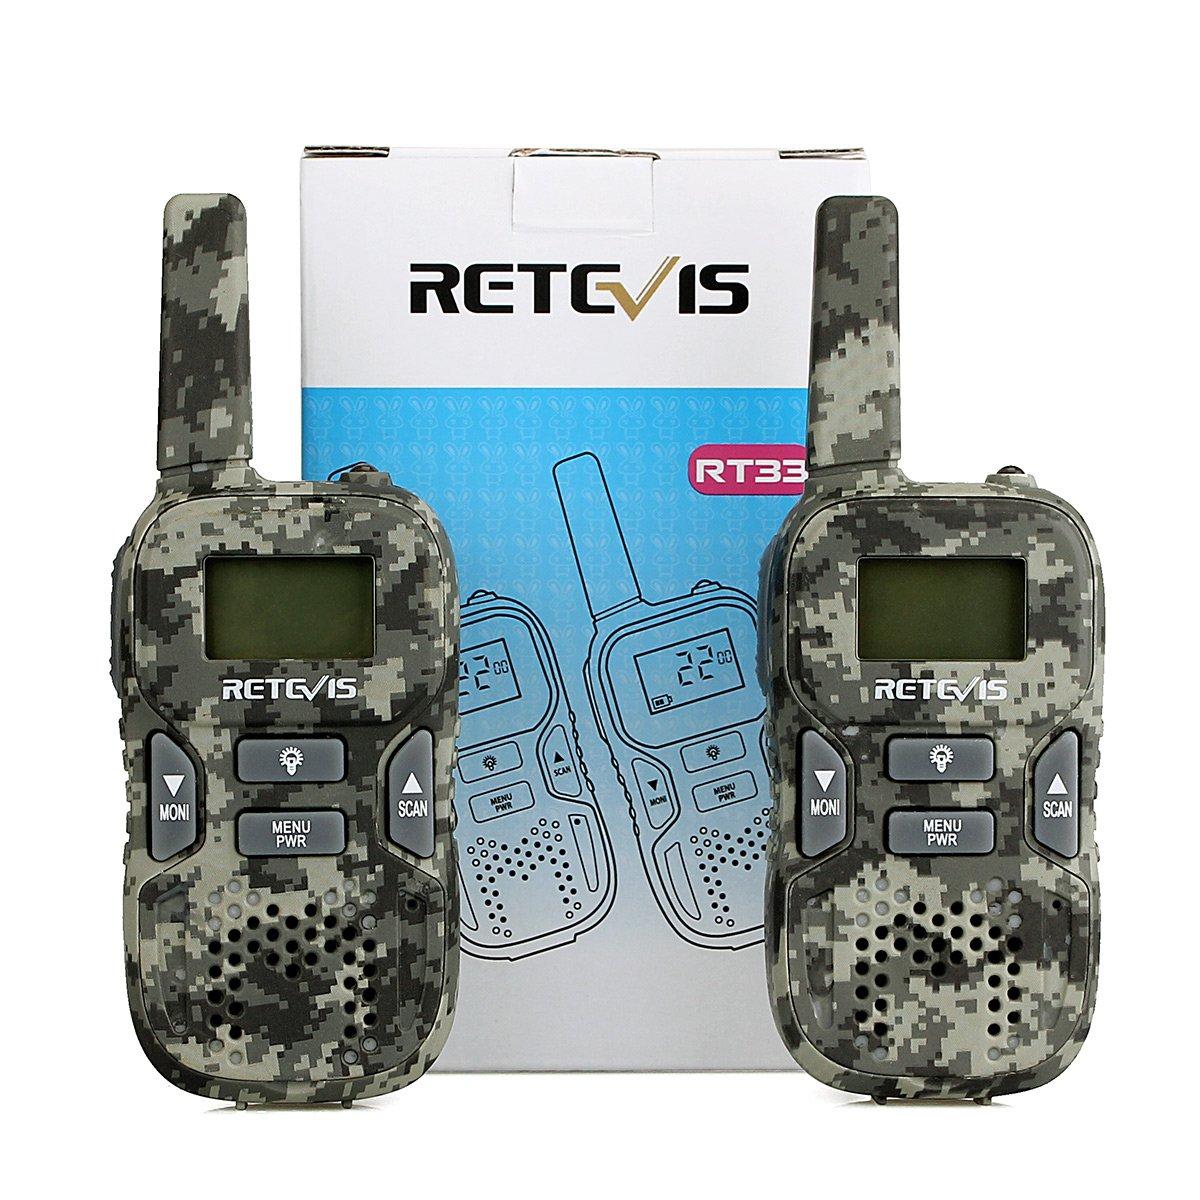 Retevis RT33 Talkie Walkie Enfants PMR446 8 Canaux /Écran LCD 10 Tonalit/és d/'Appel VOX Lampe Torche Volume Ajustable Talkie Walkie Jouet Cadeau pour Enfant Camouflage, 1 Paire